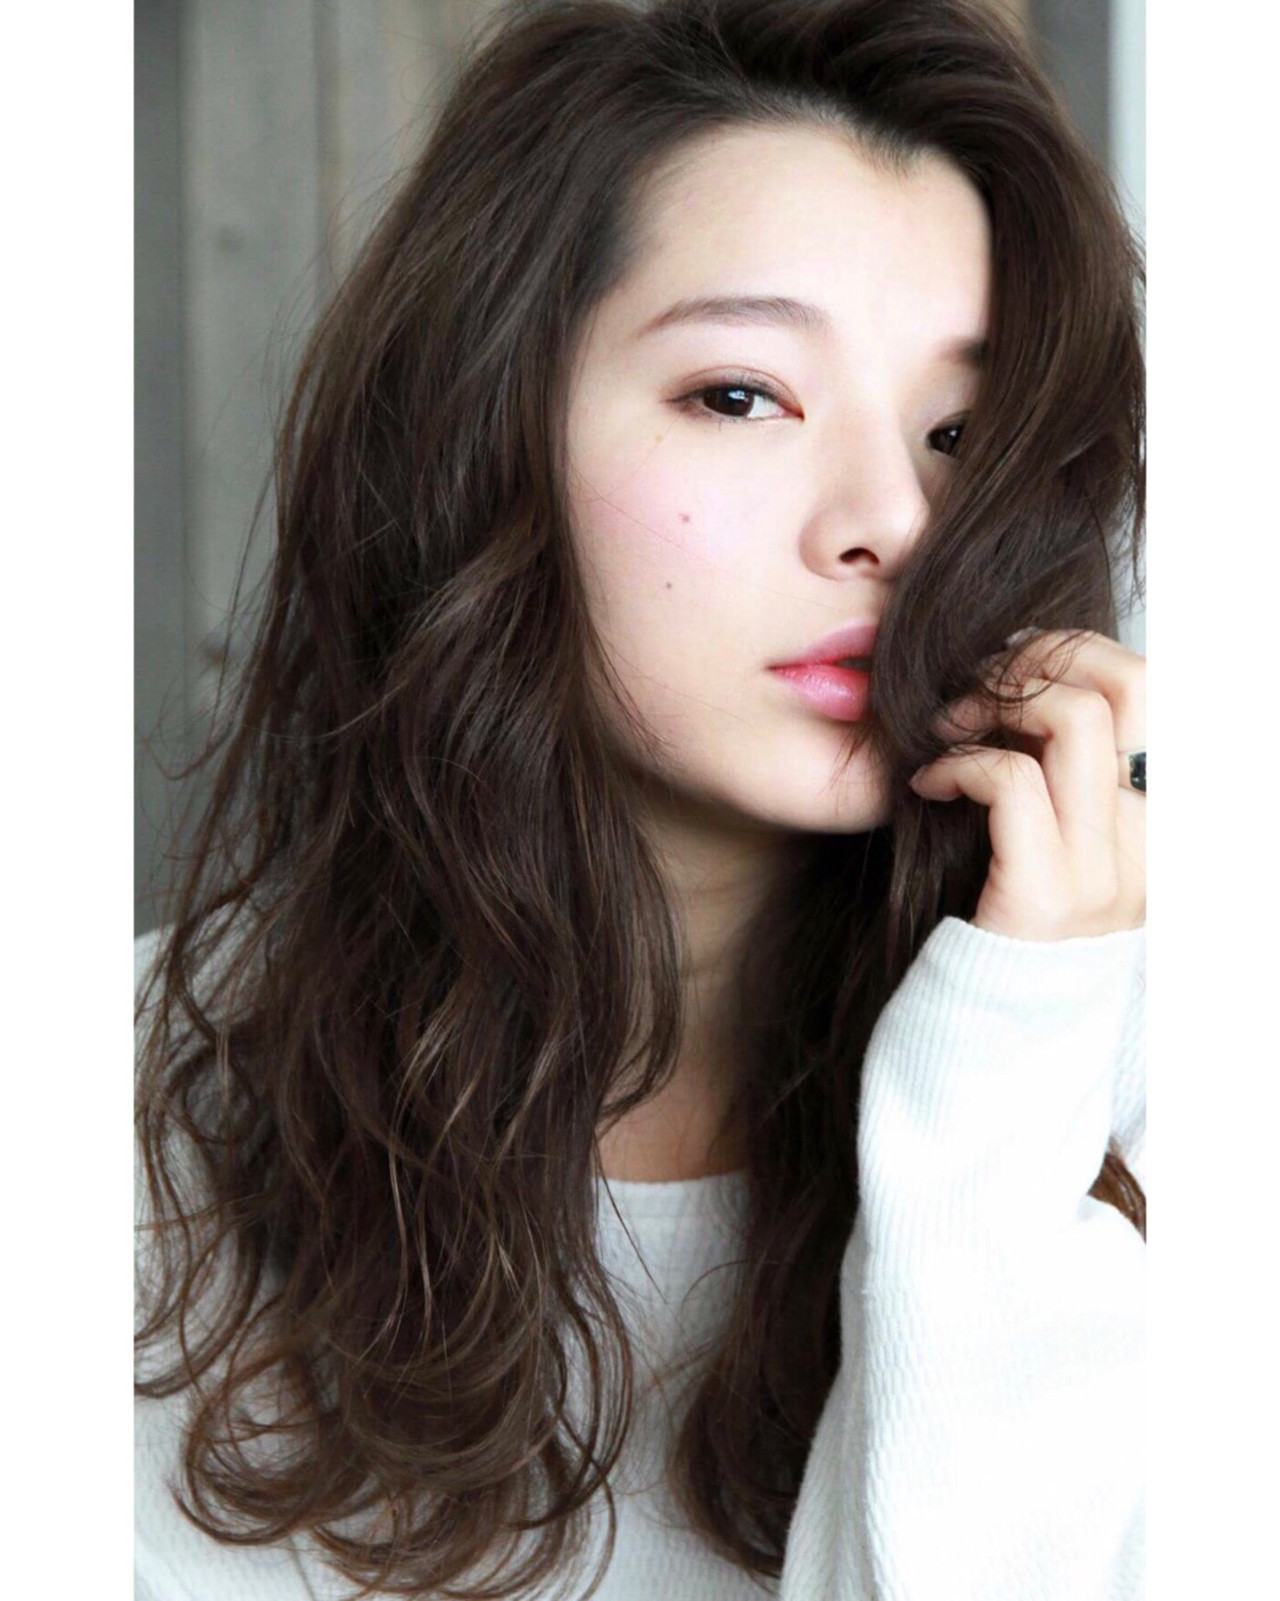 アンニュイほつれヘア ゆるふわパーマ ショコラブラウン パーマ ヘアスタイルや髪型の写真・画像